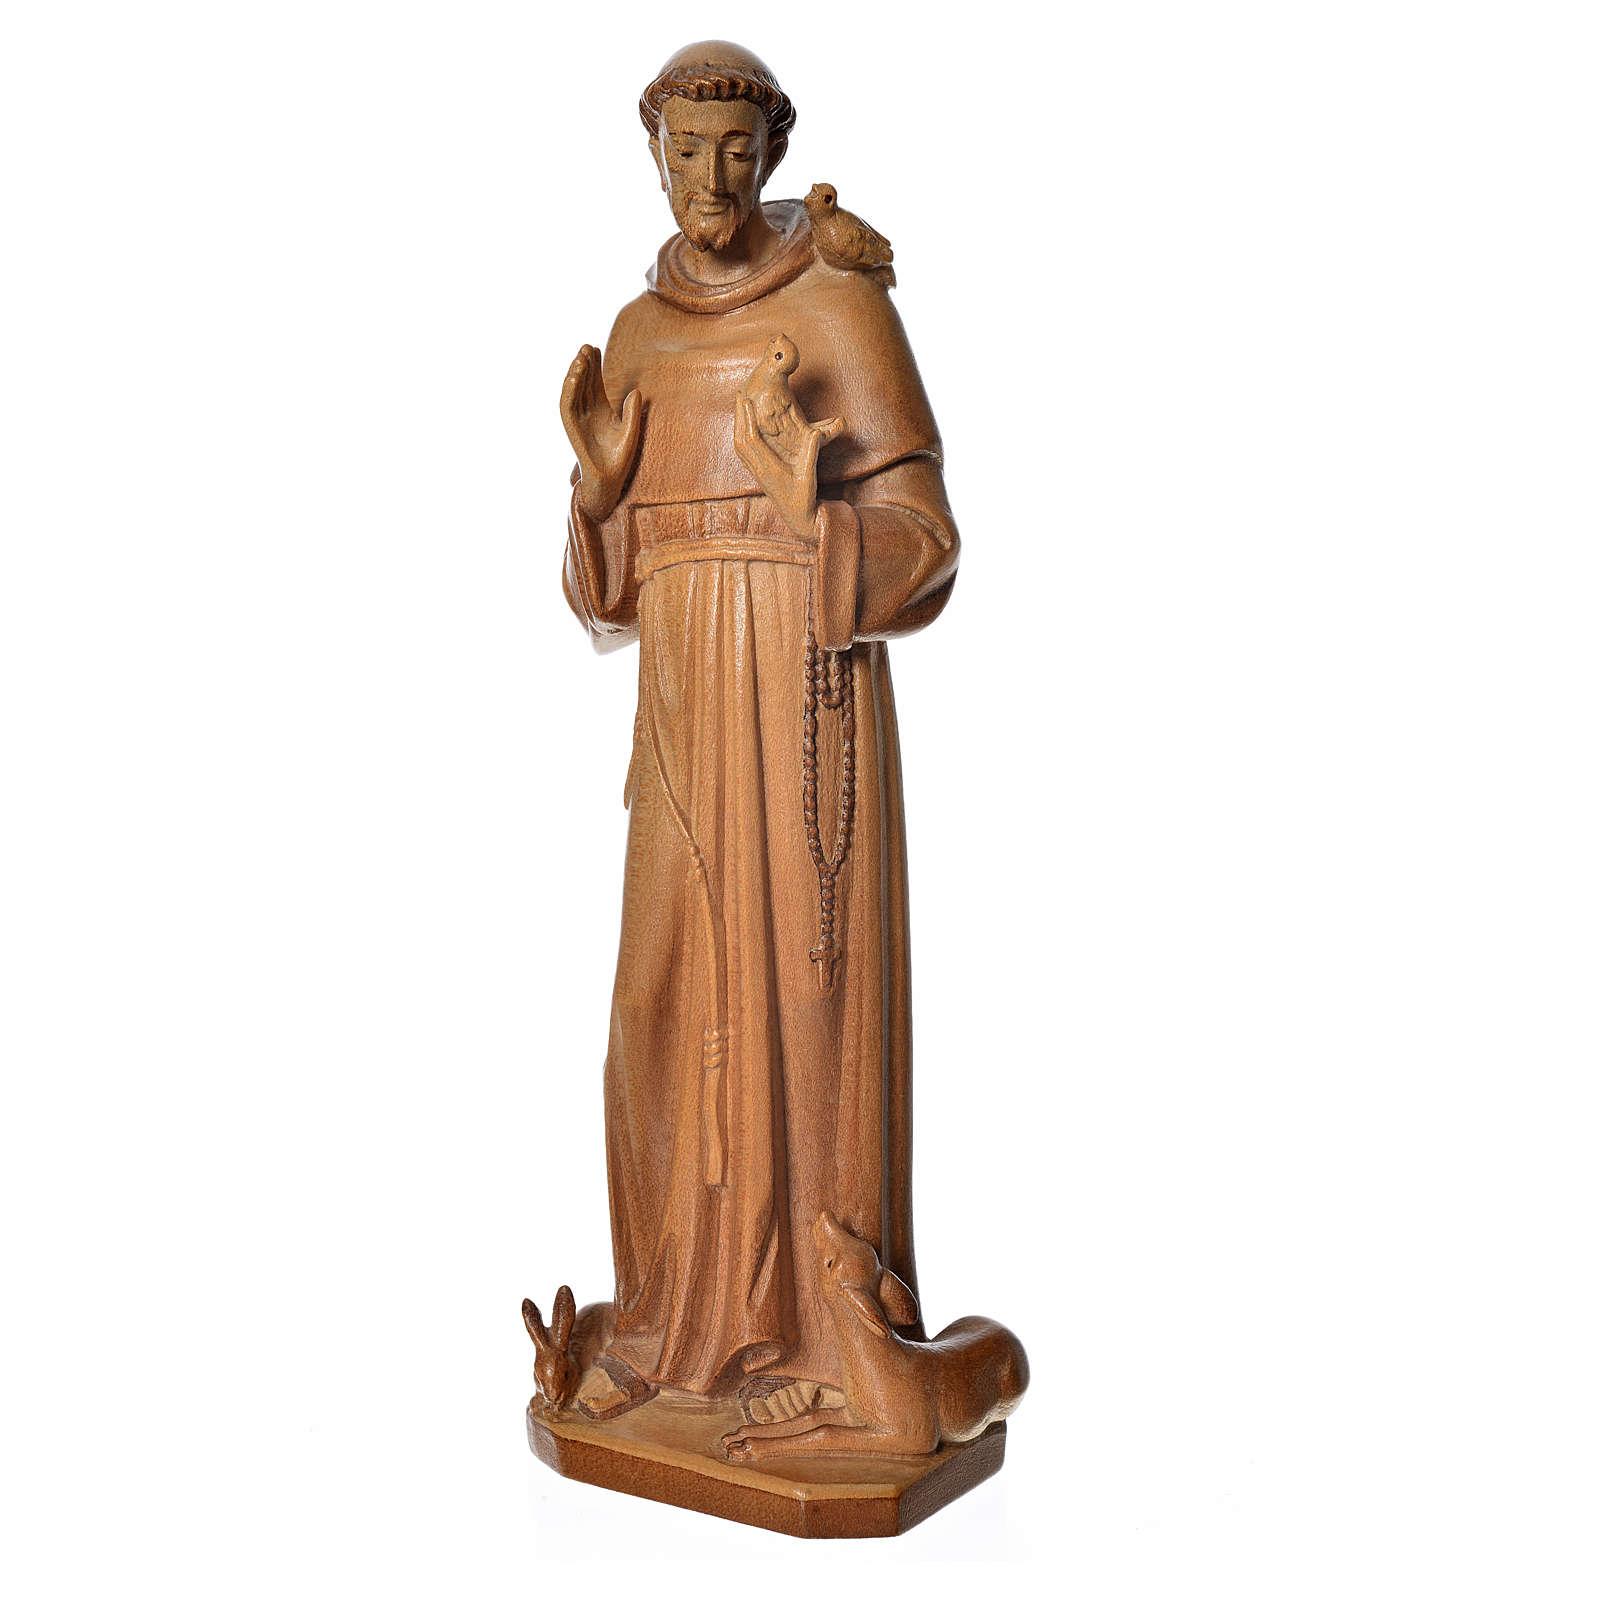 São Francisco de Assis madeira Val Gardena pátina múltipla 4